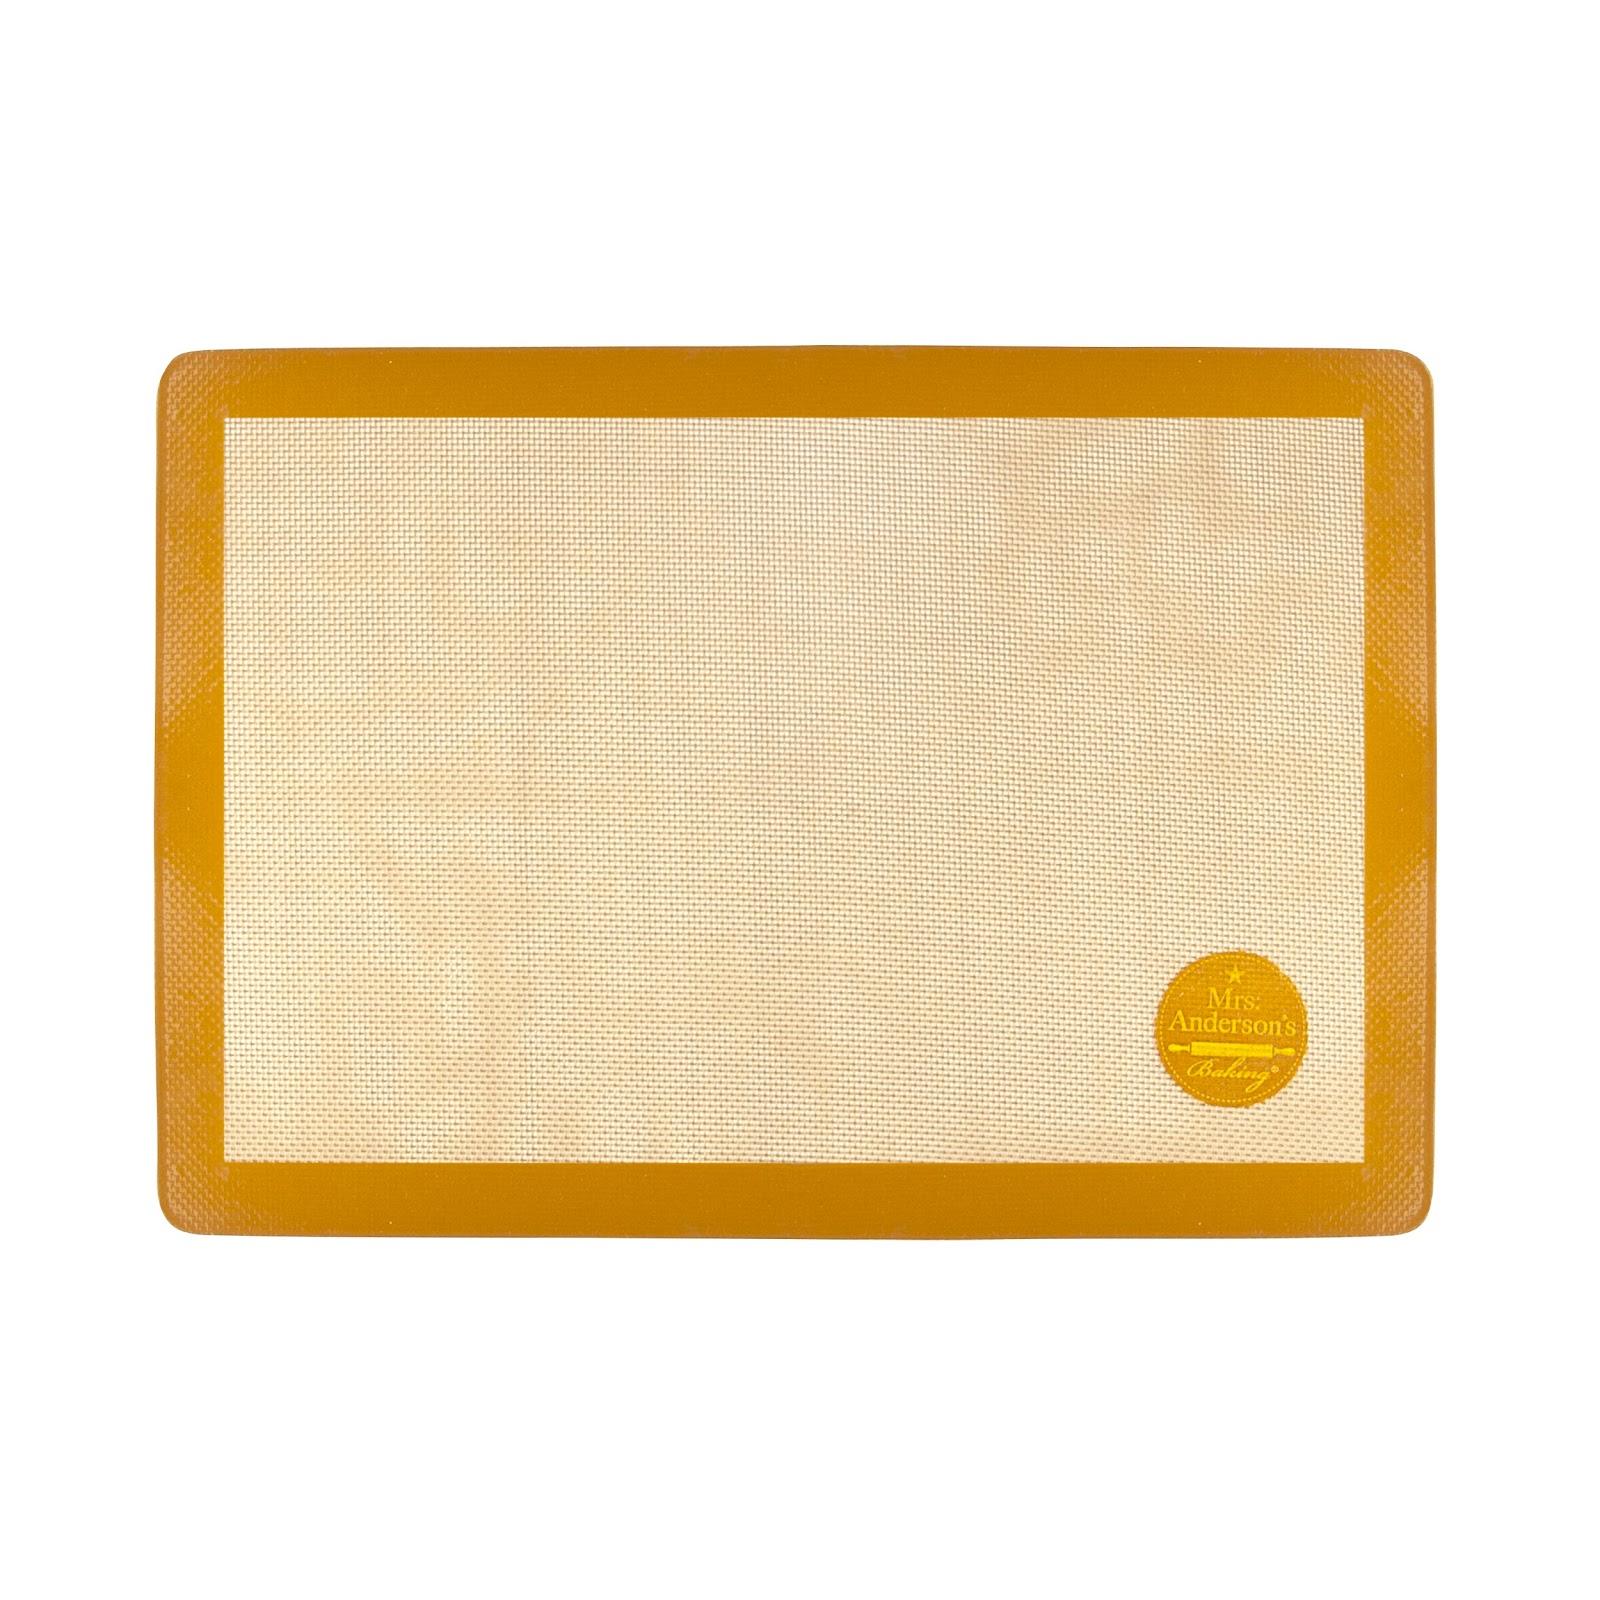 60001 Mrs Anderson Half Sheet Baking Mat.jpeg